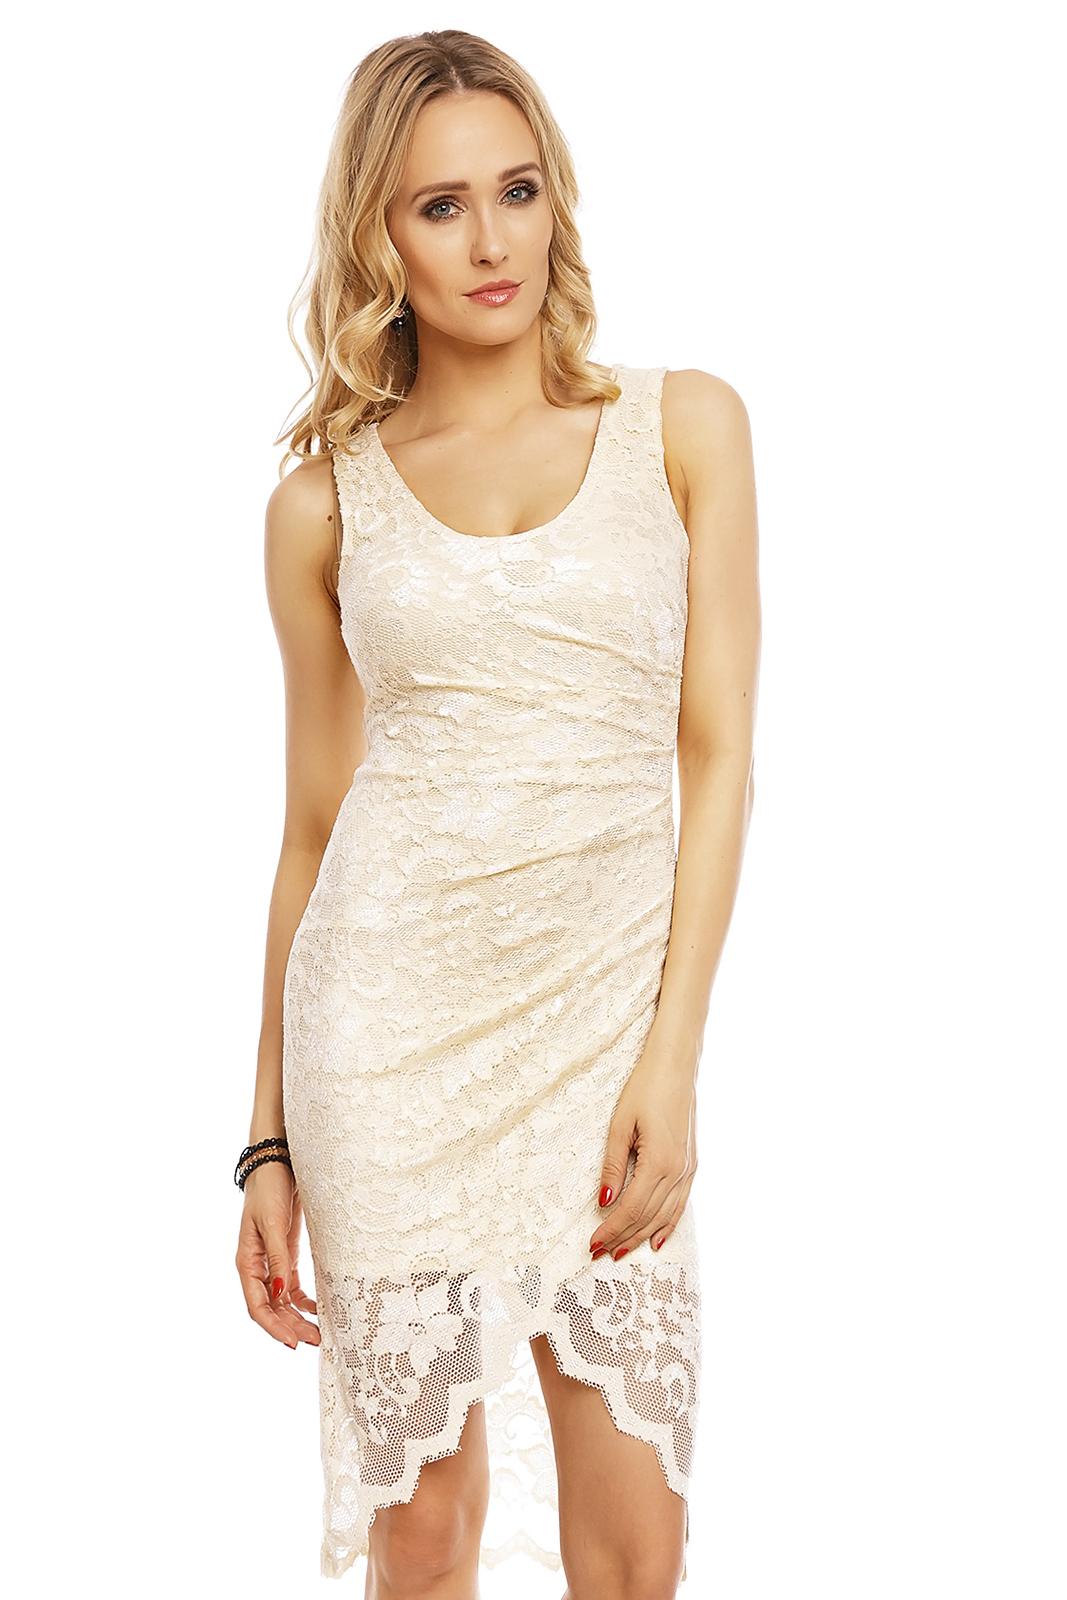 Společenské šaty MAYAADI Deluxe krajkové s asymetrickou sukní krémové 93e46f076d6